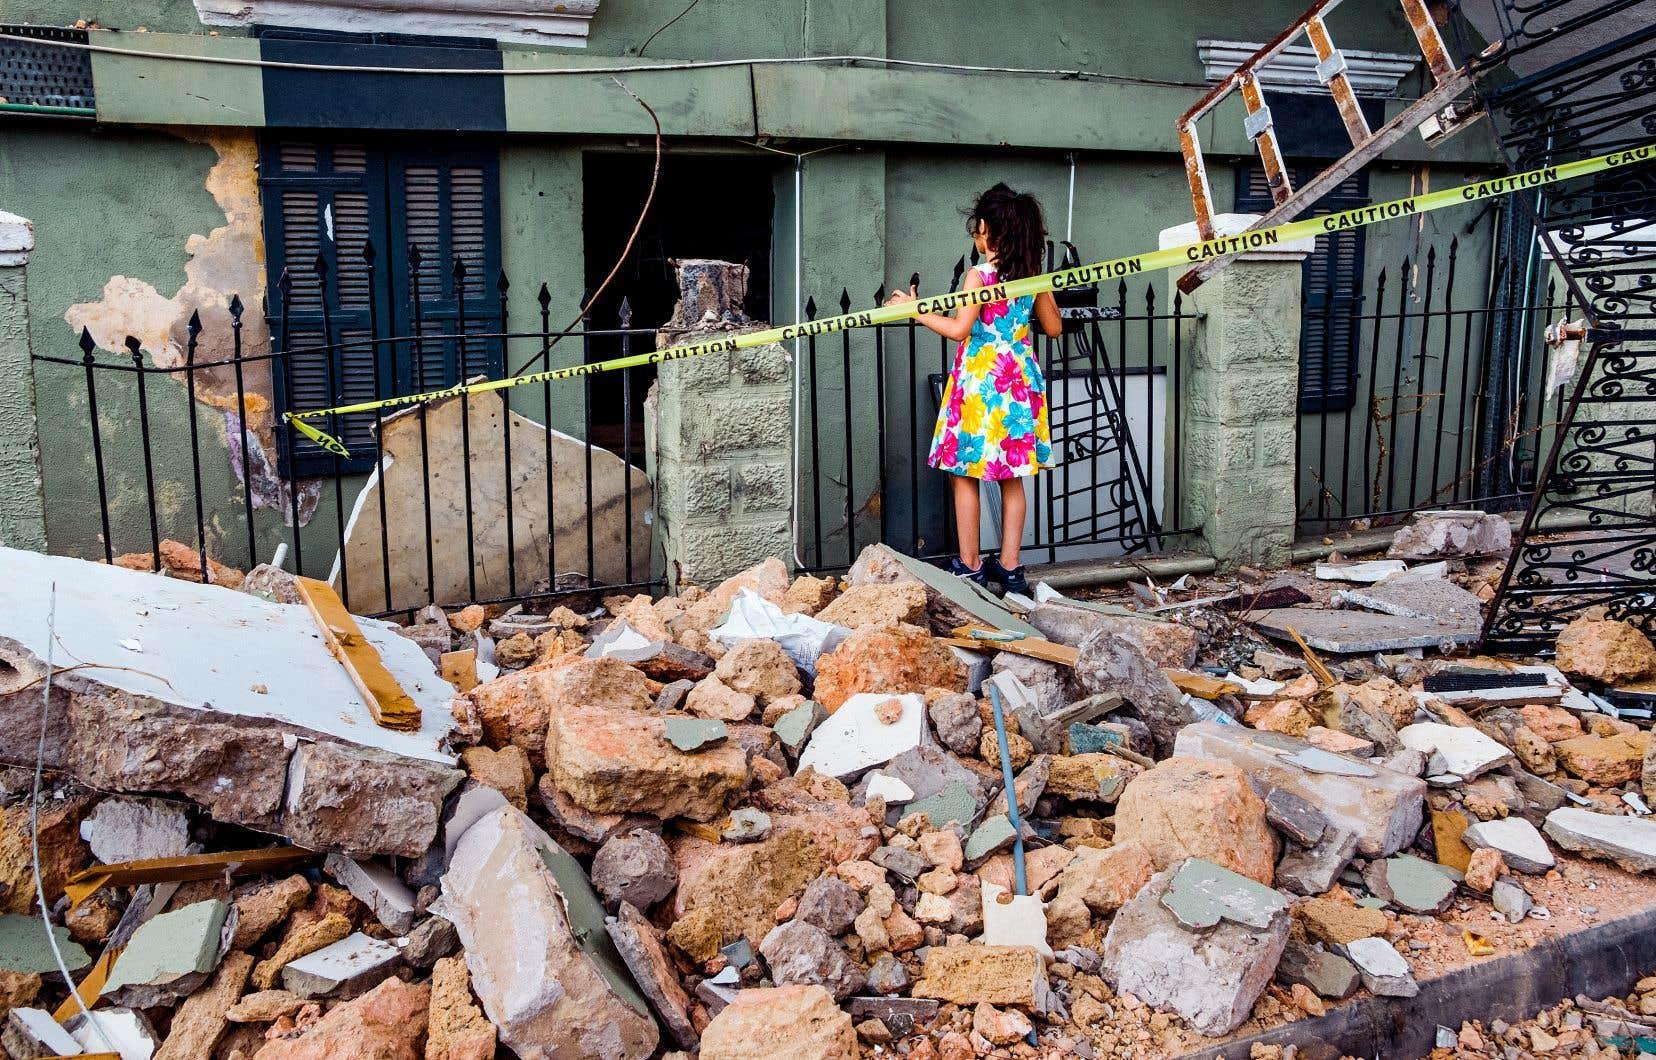 Une jeune fille joue parmi les décombres dans le quartier Karantina, à Beyrouth. Au cours de son histoire, la capitale libanaise a connu calamité par-dessus calamité. «Combien de fois on va devoir rebâtir nos maisons?», demande le père Paul Mattar.